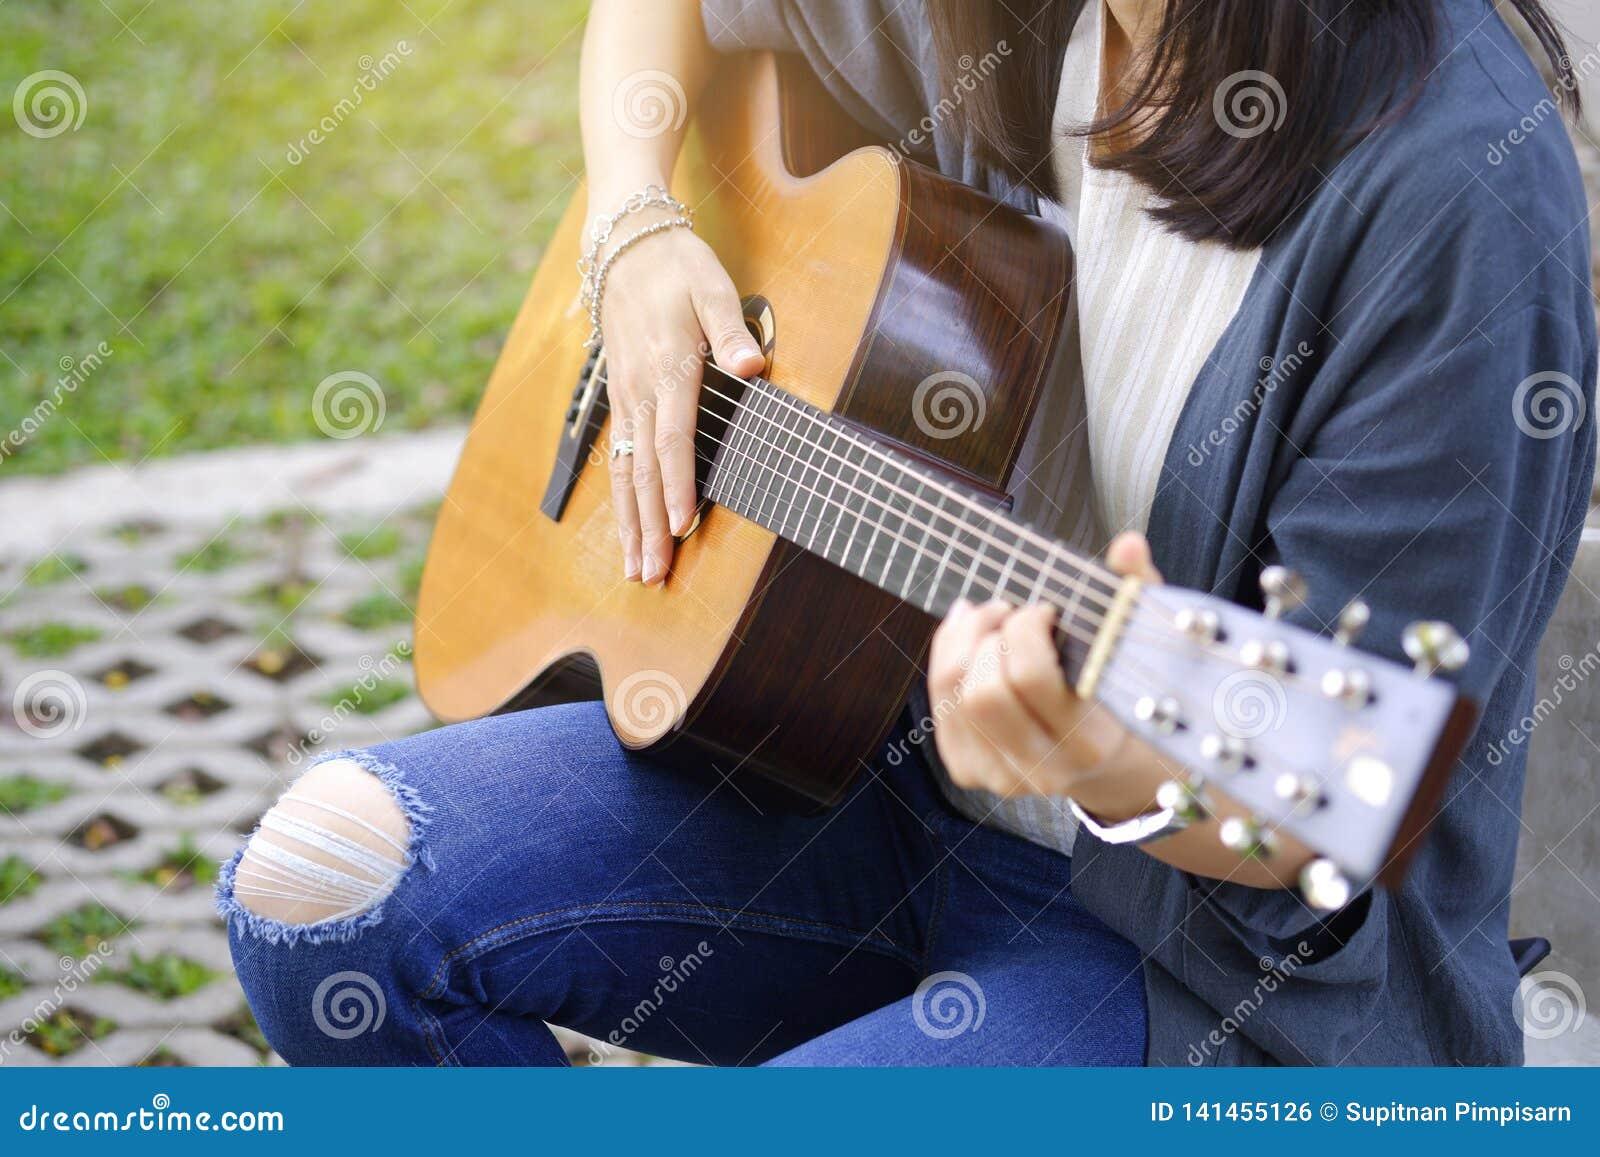 Kvinnor som spelar den akustiska gitarren i trädgården